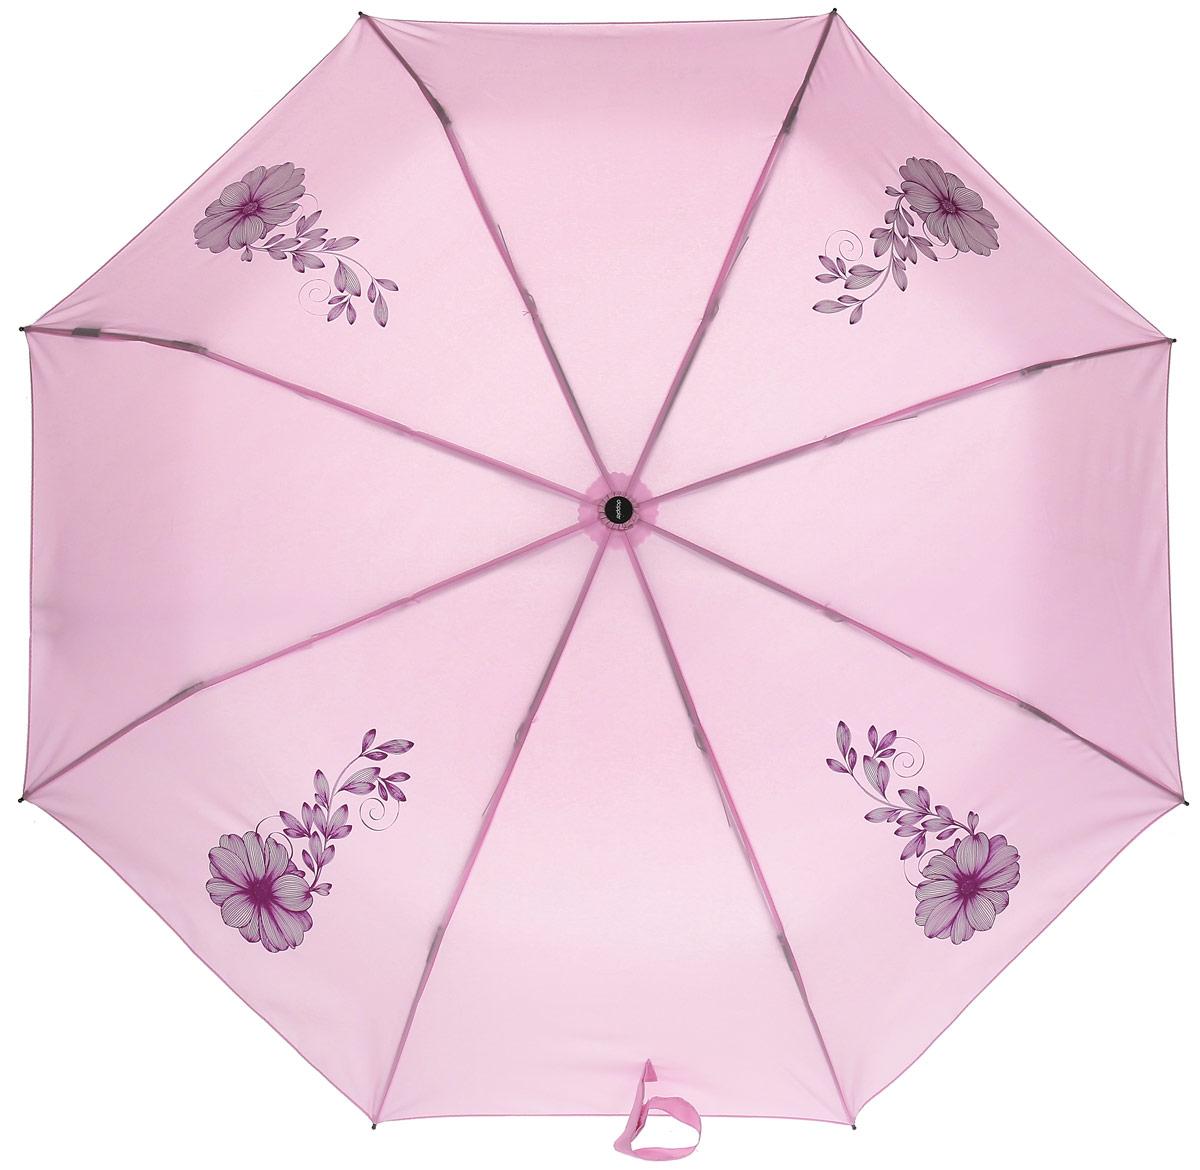 Doppler Зонт Flowers, 3 сложения, система антиветер, лакированная ручка. 7441465F rose7441465F roseЗонт Doppler, всемирно известный бренд, имеющий многолетнюю традицию.